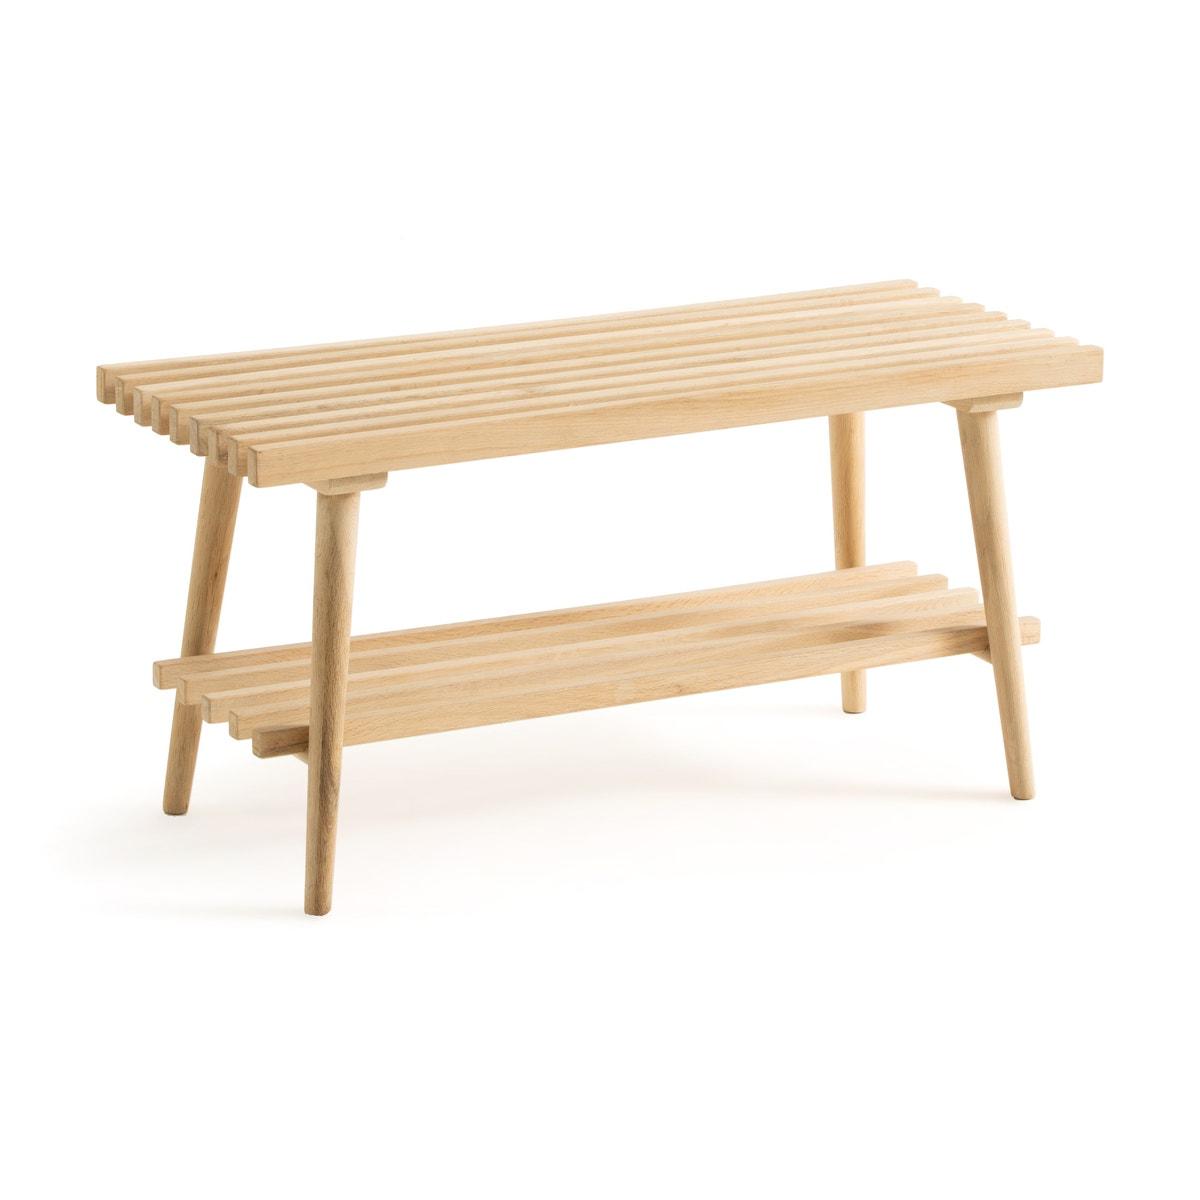 Πάγκος από ξύλο δρυ, Compo